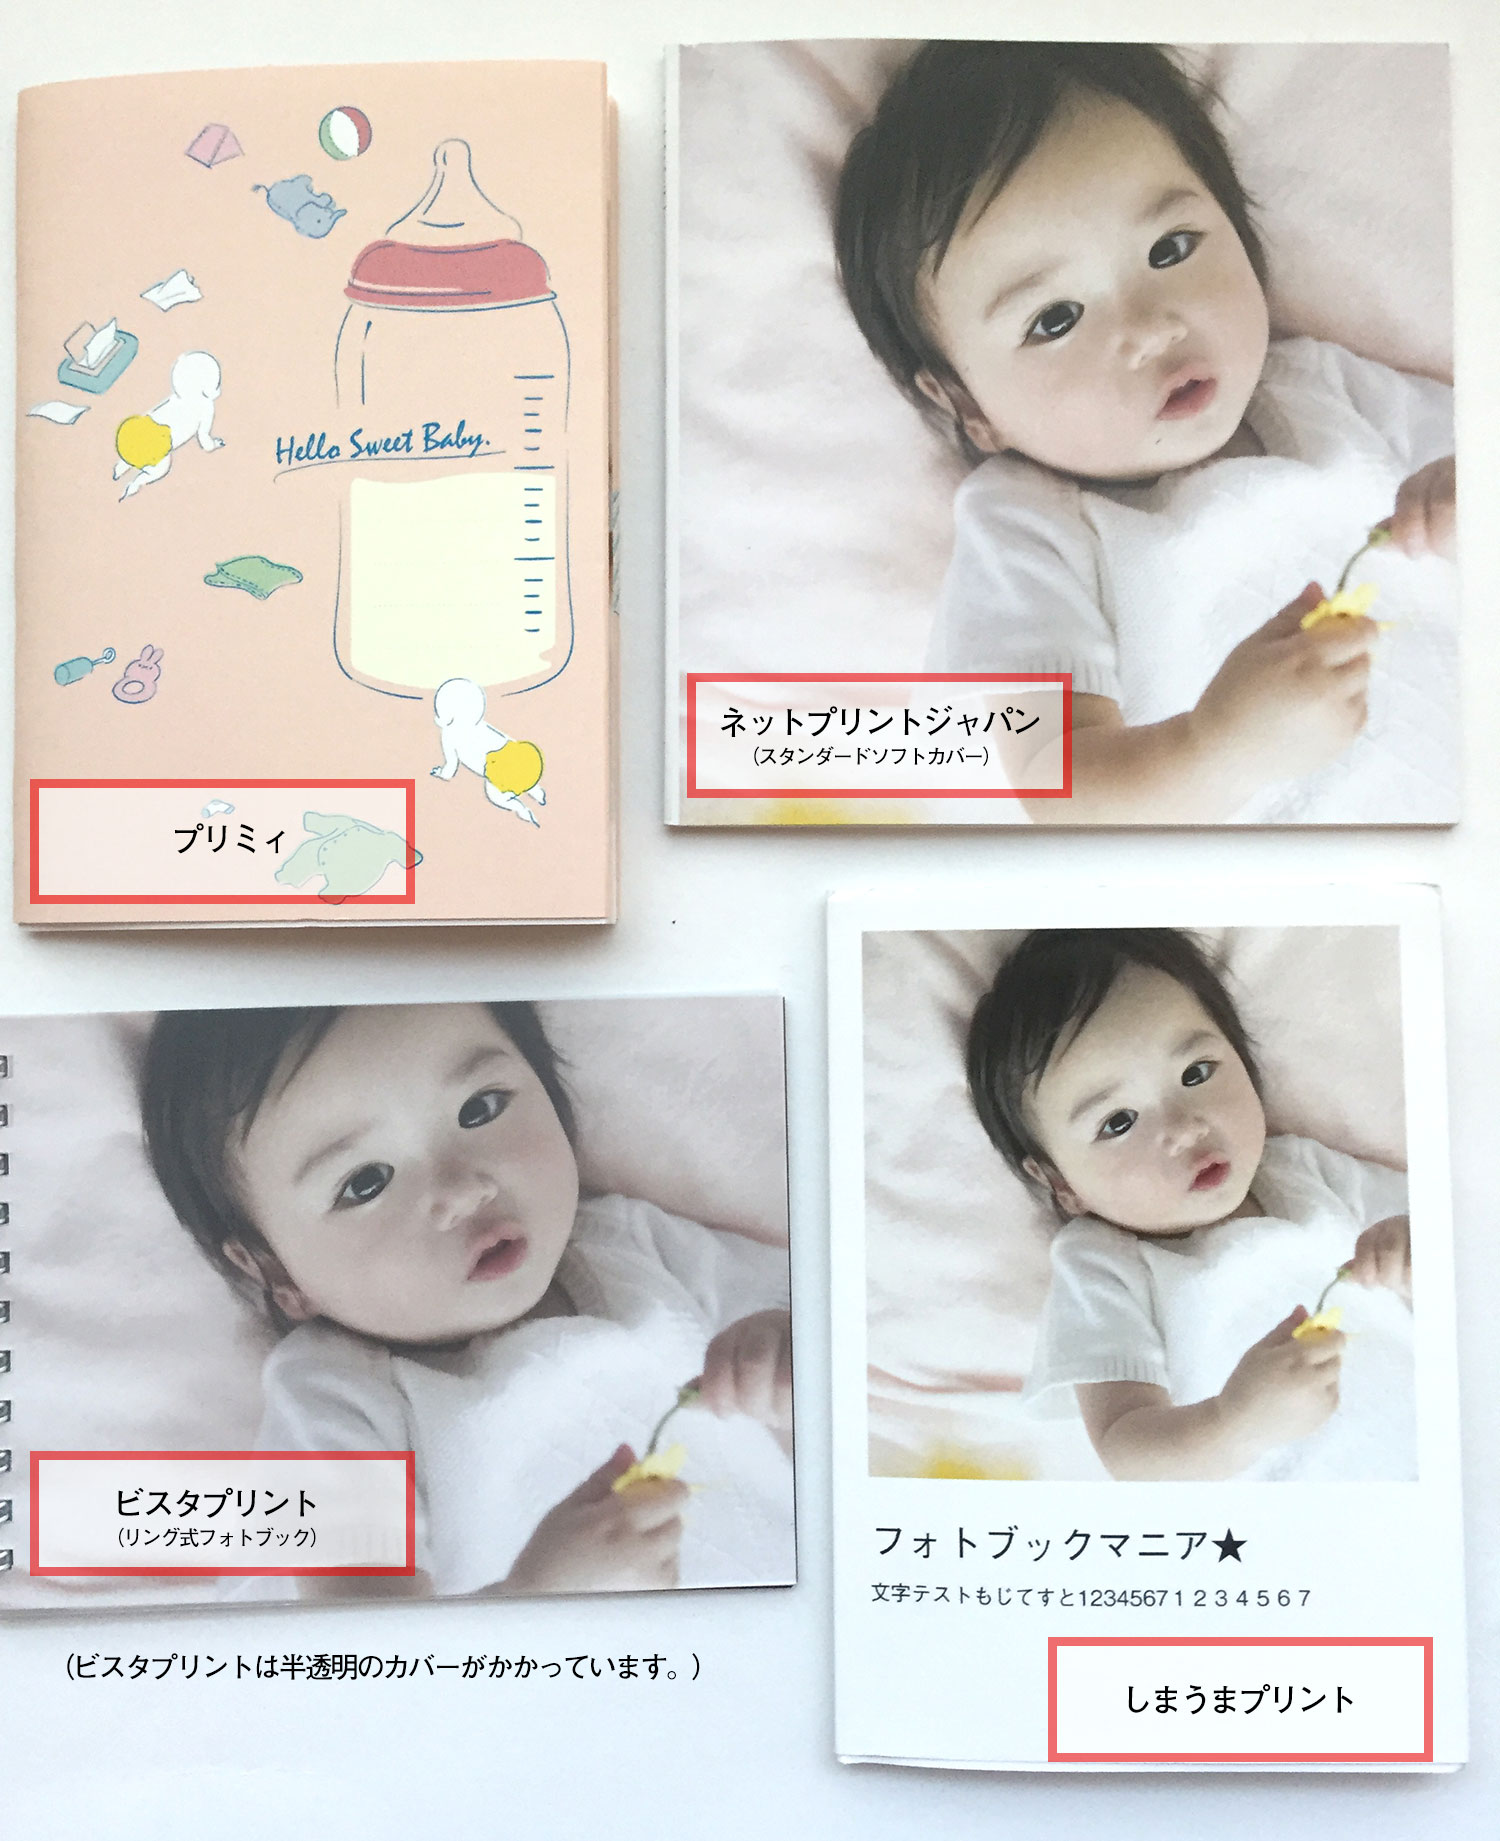 安いフォトブック5選!「同じ画像で」比較して綺麗なのは?【画質/値段比較】